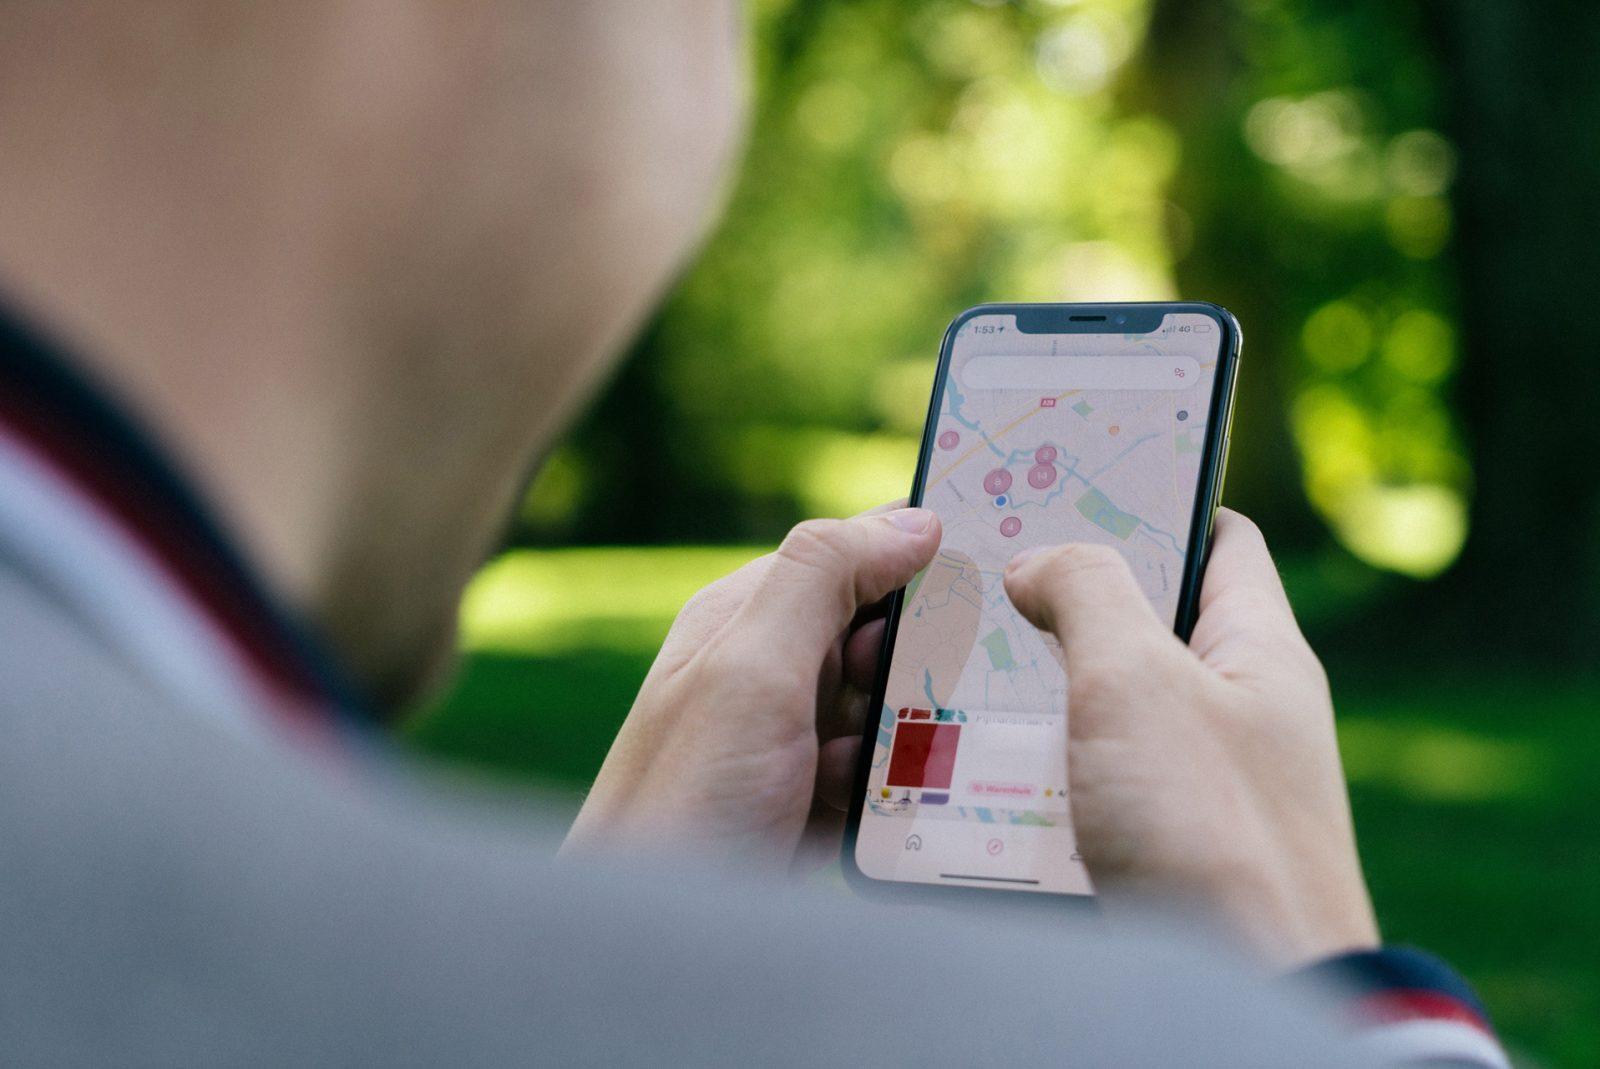 Mies katsoo puhelimesta karttaa